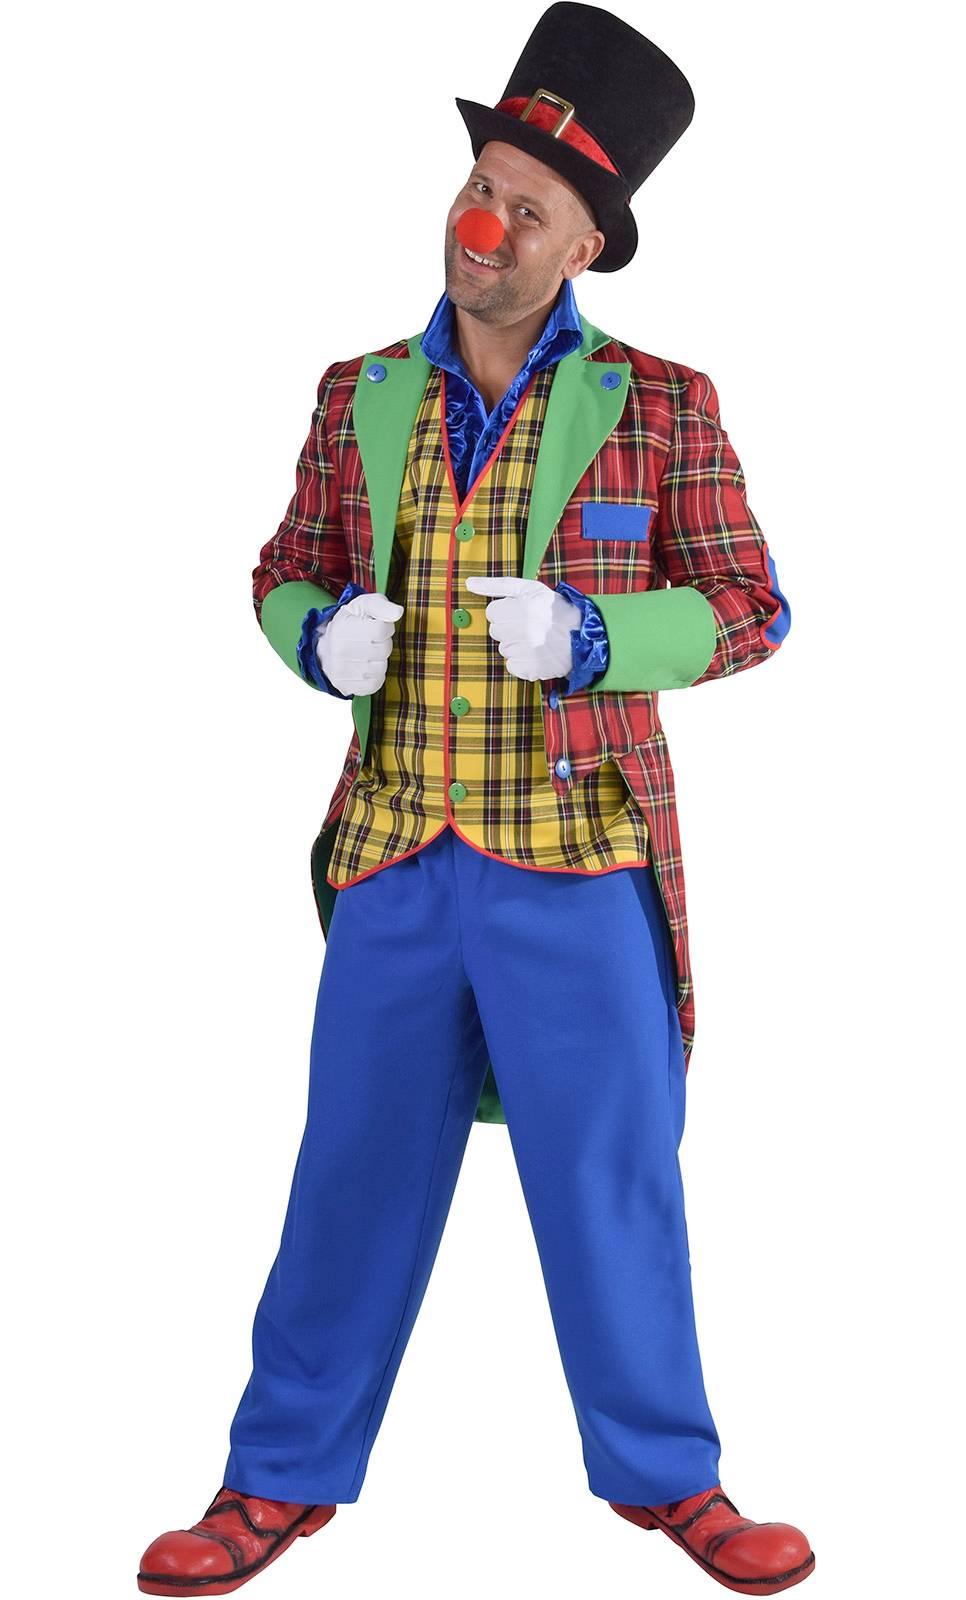 Costume de clown professionnel en grande taille